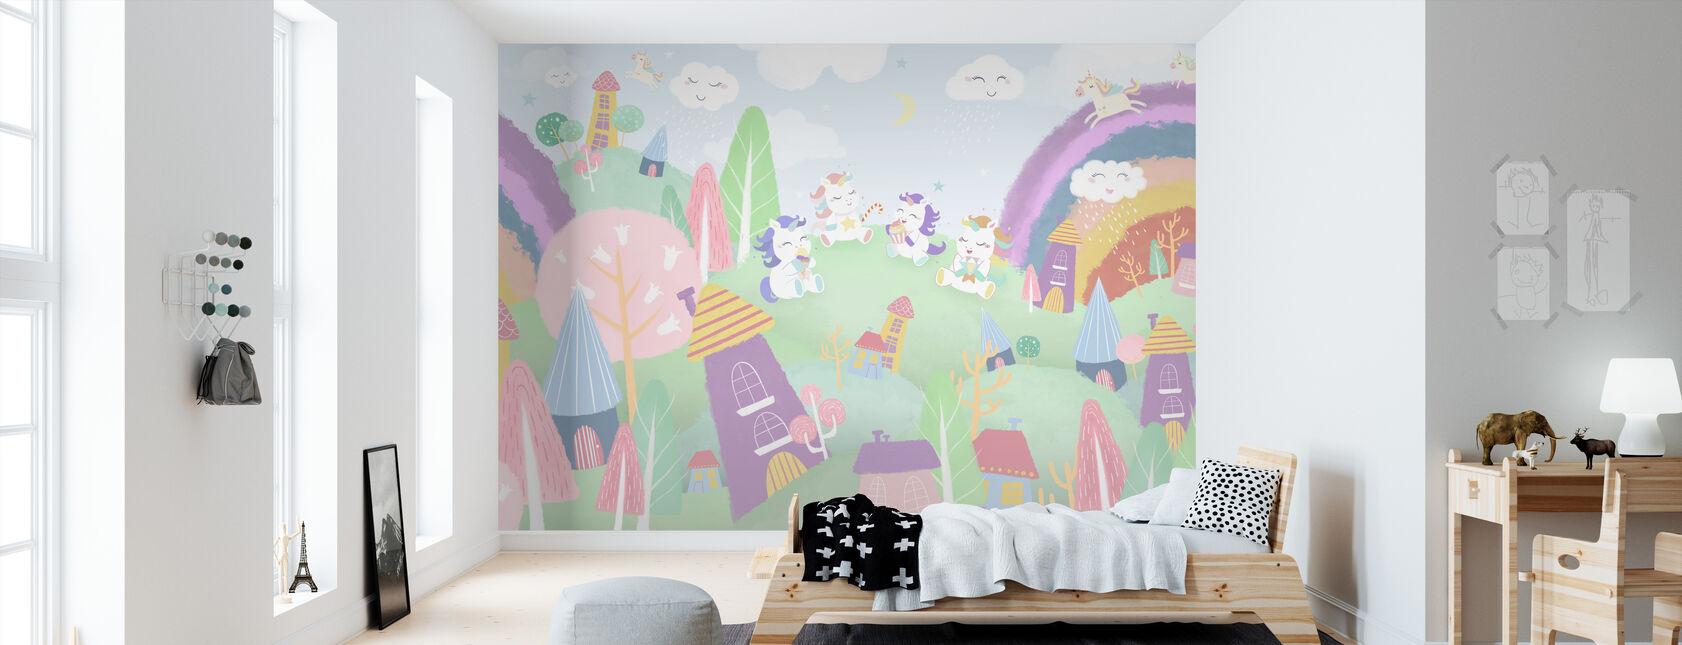 Pueblo de Unicornio - Papel pintado - Cuarto de niños